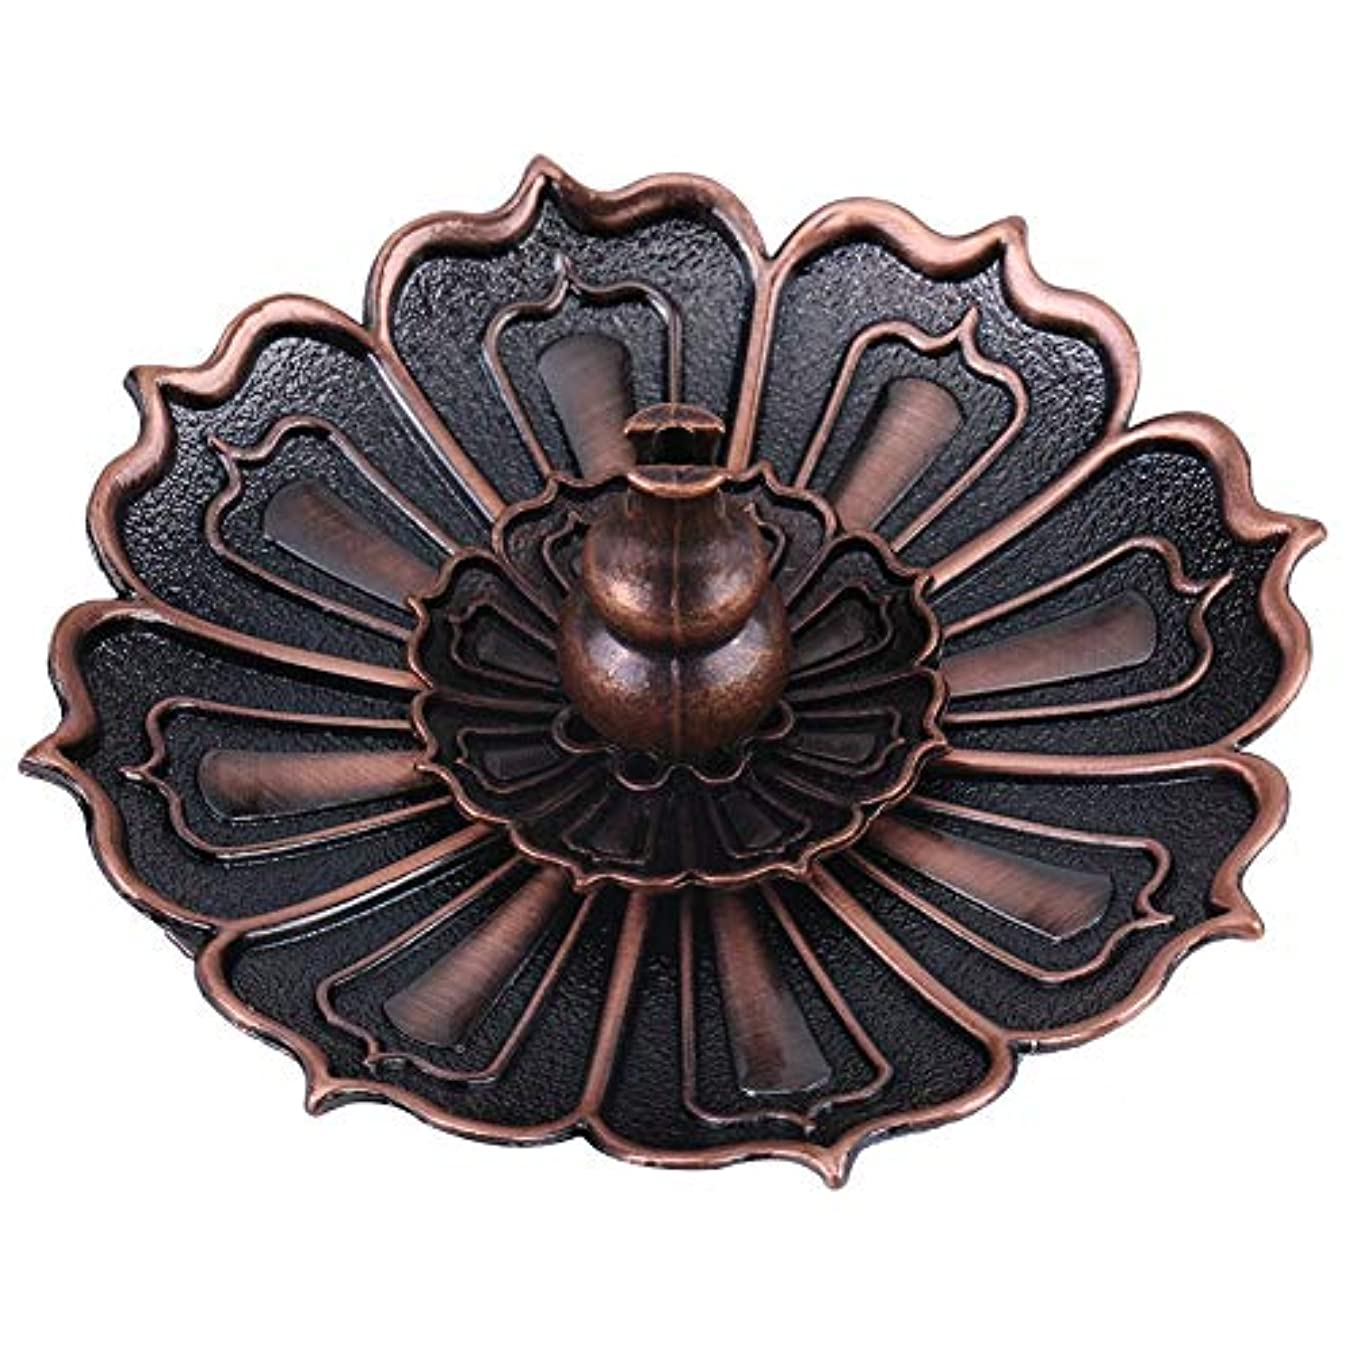 変色するスナッチ実際の蓮の花の形の香ホルダー - 線香炉 香立て お香用具 お線香用可 アロマ香炉9×3.5センチメートル